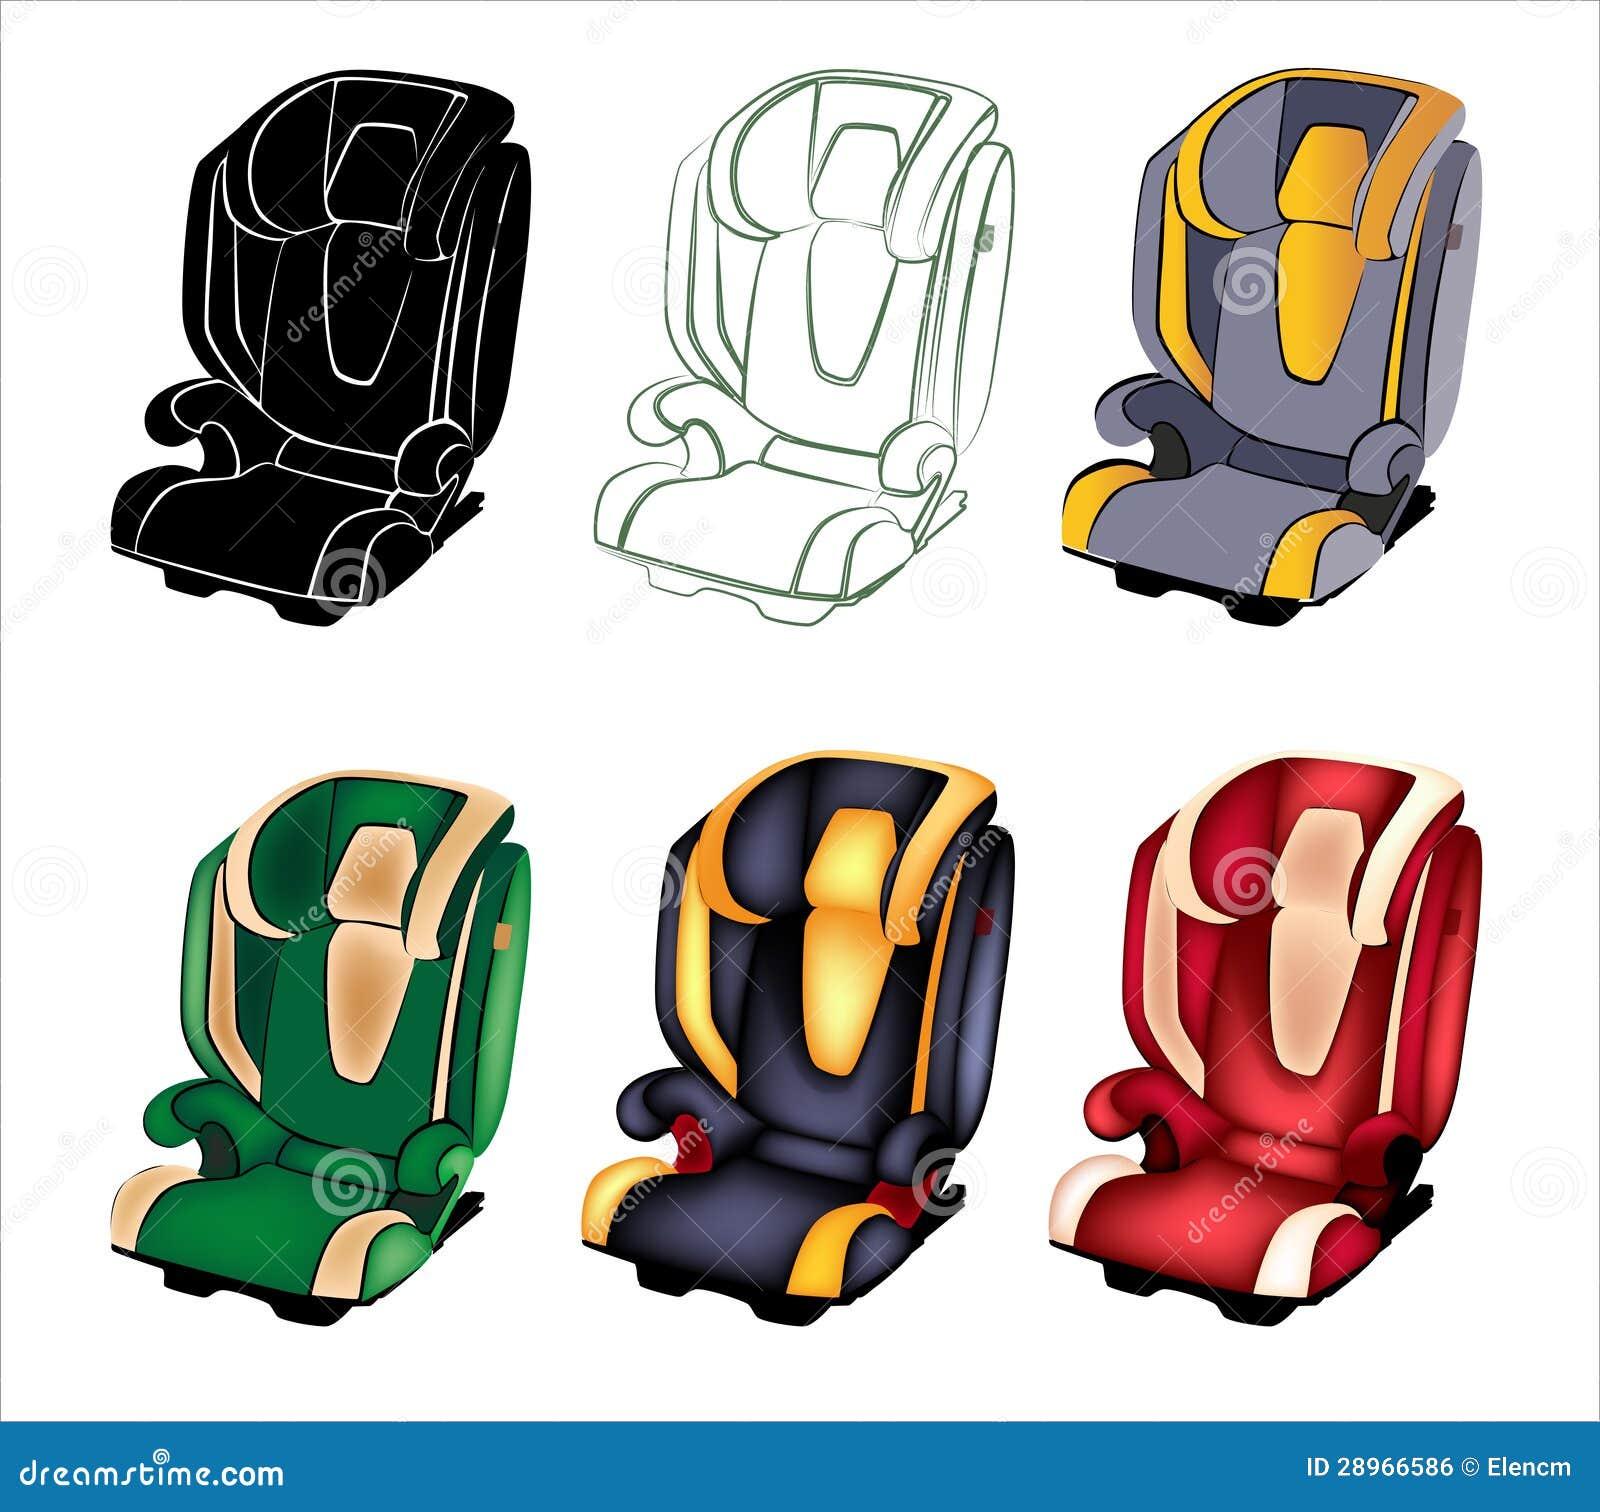 Samochodowy siedzenie.